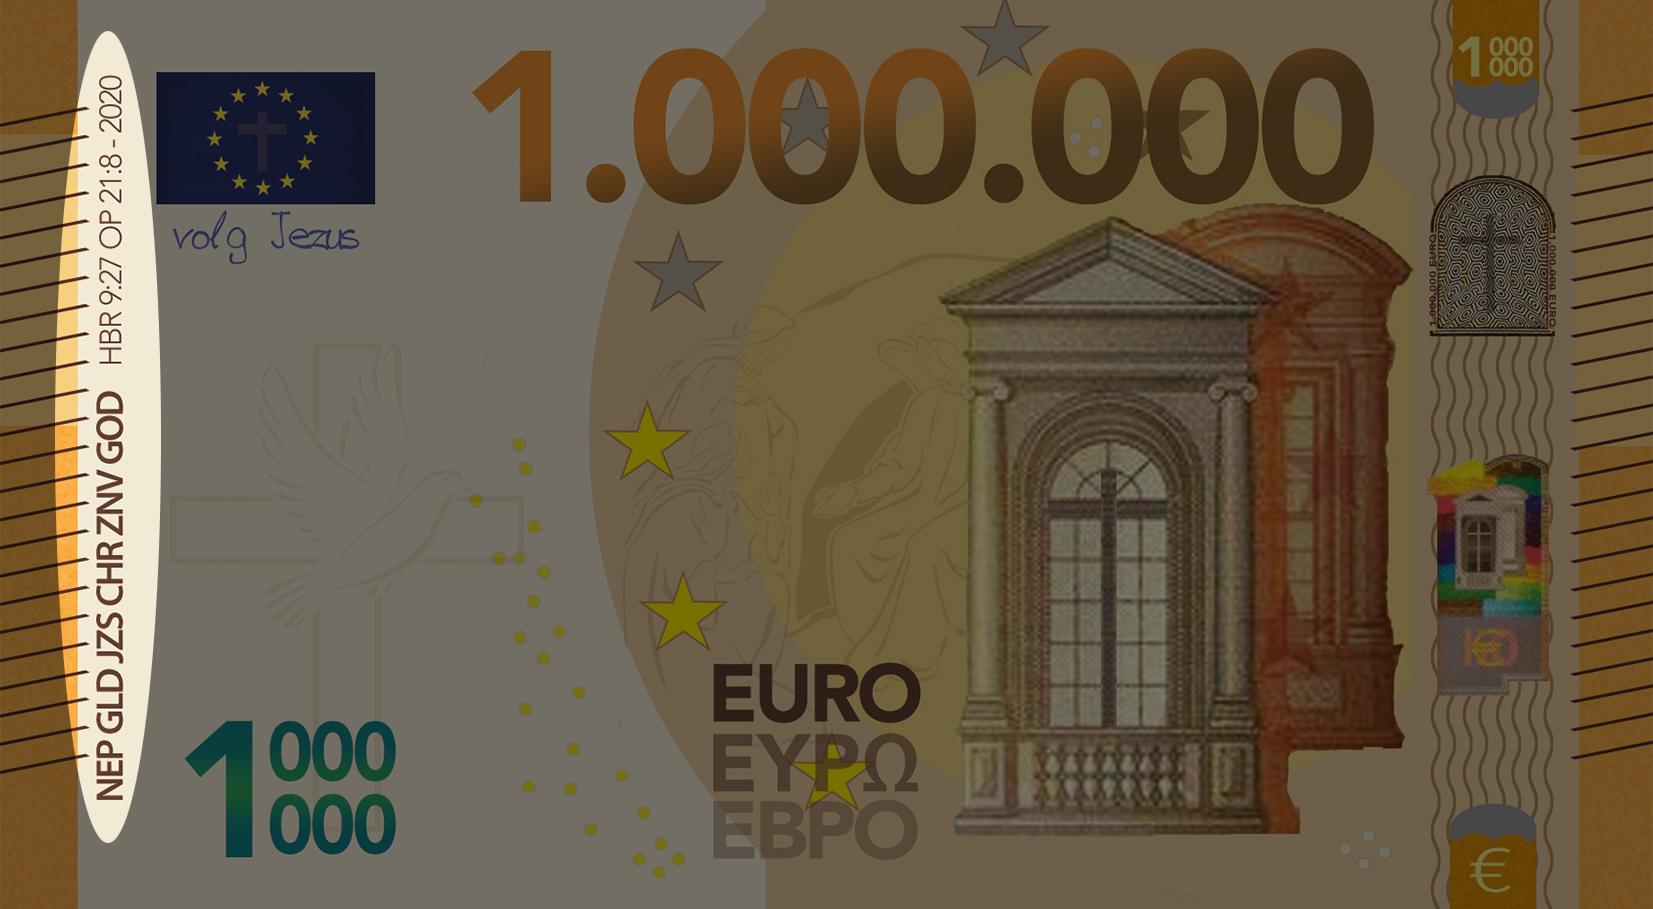 Miljoen Euro Biljet - 2020 voorkant links uitgelicht - evangelisatie-materiaal.nl